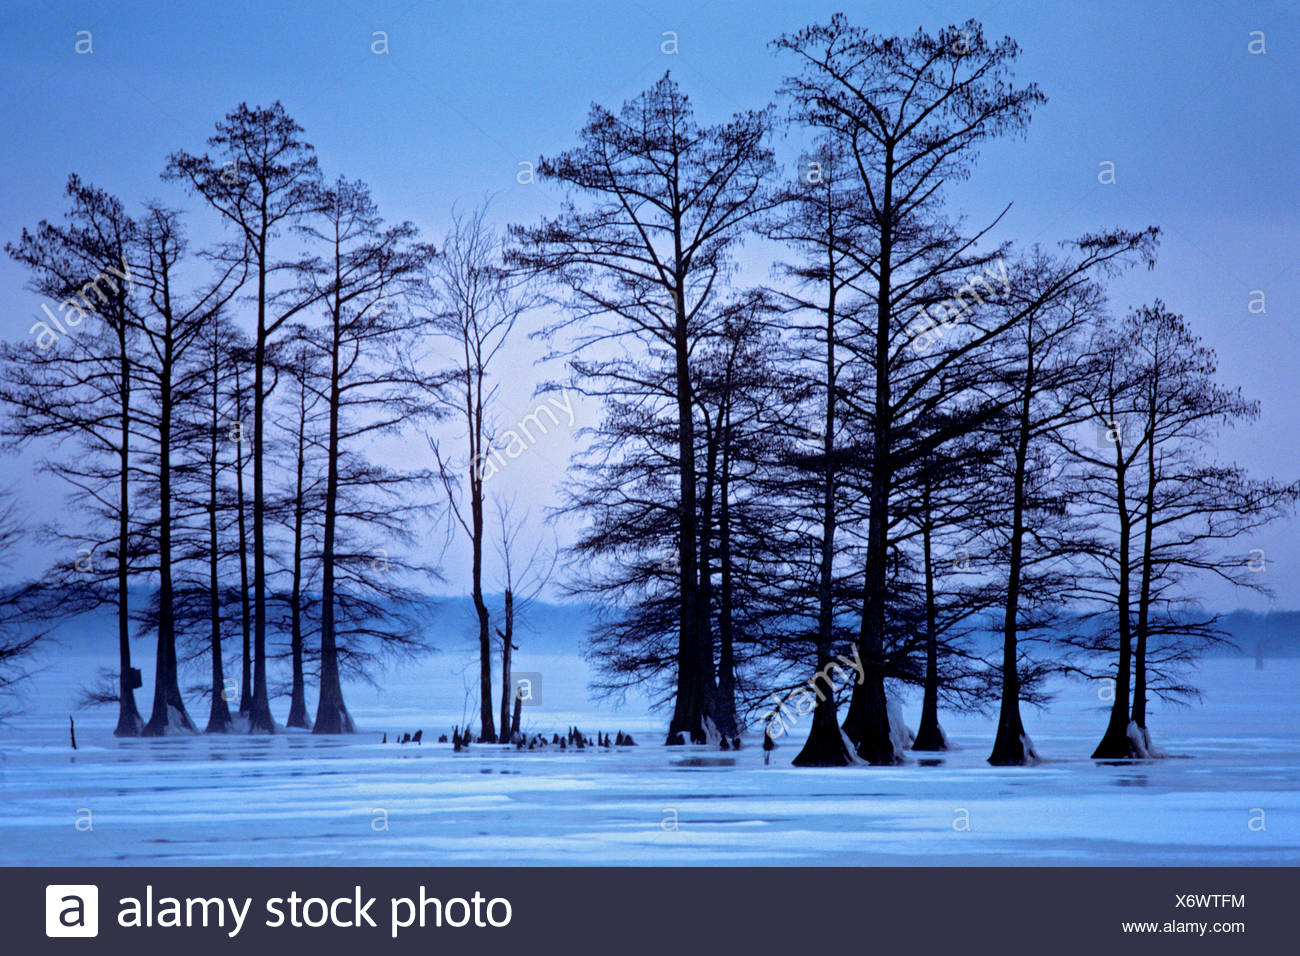 Winter Reelfoot Lake Tennessee  Reelfoot Lake located in northwest